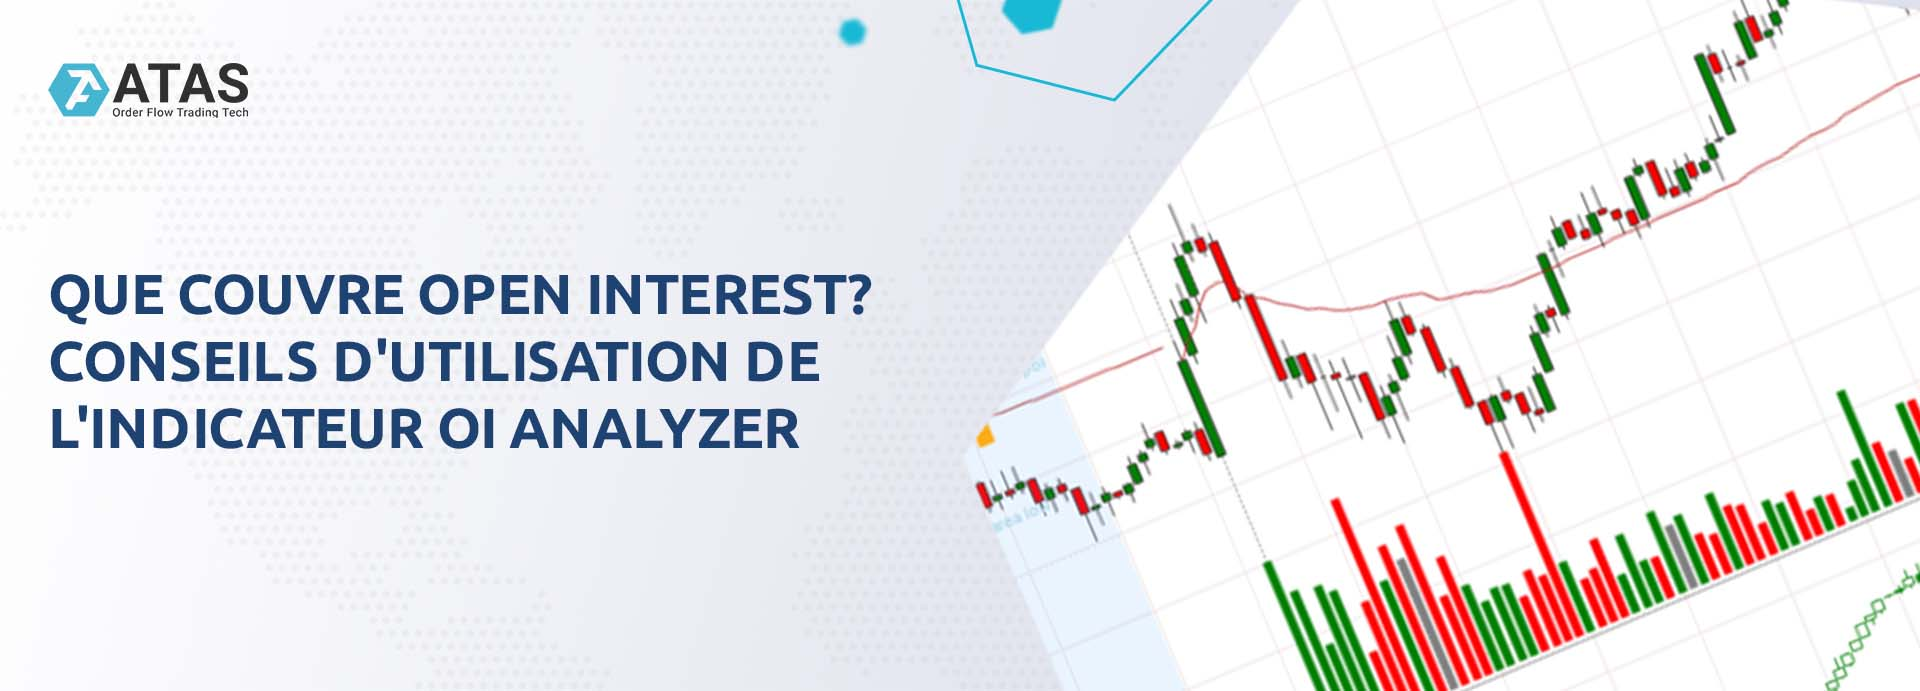 Que couvre Open Interest ? Conseils d'utilisation de l'indicateur OI Analyzer : description, paramétrage et exemples.